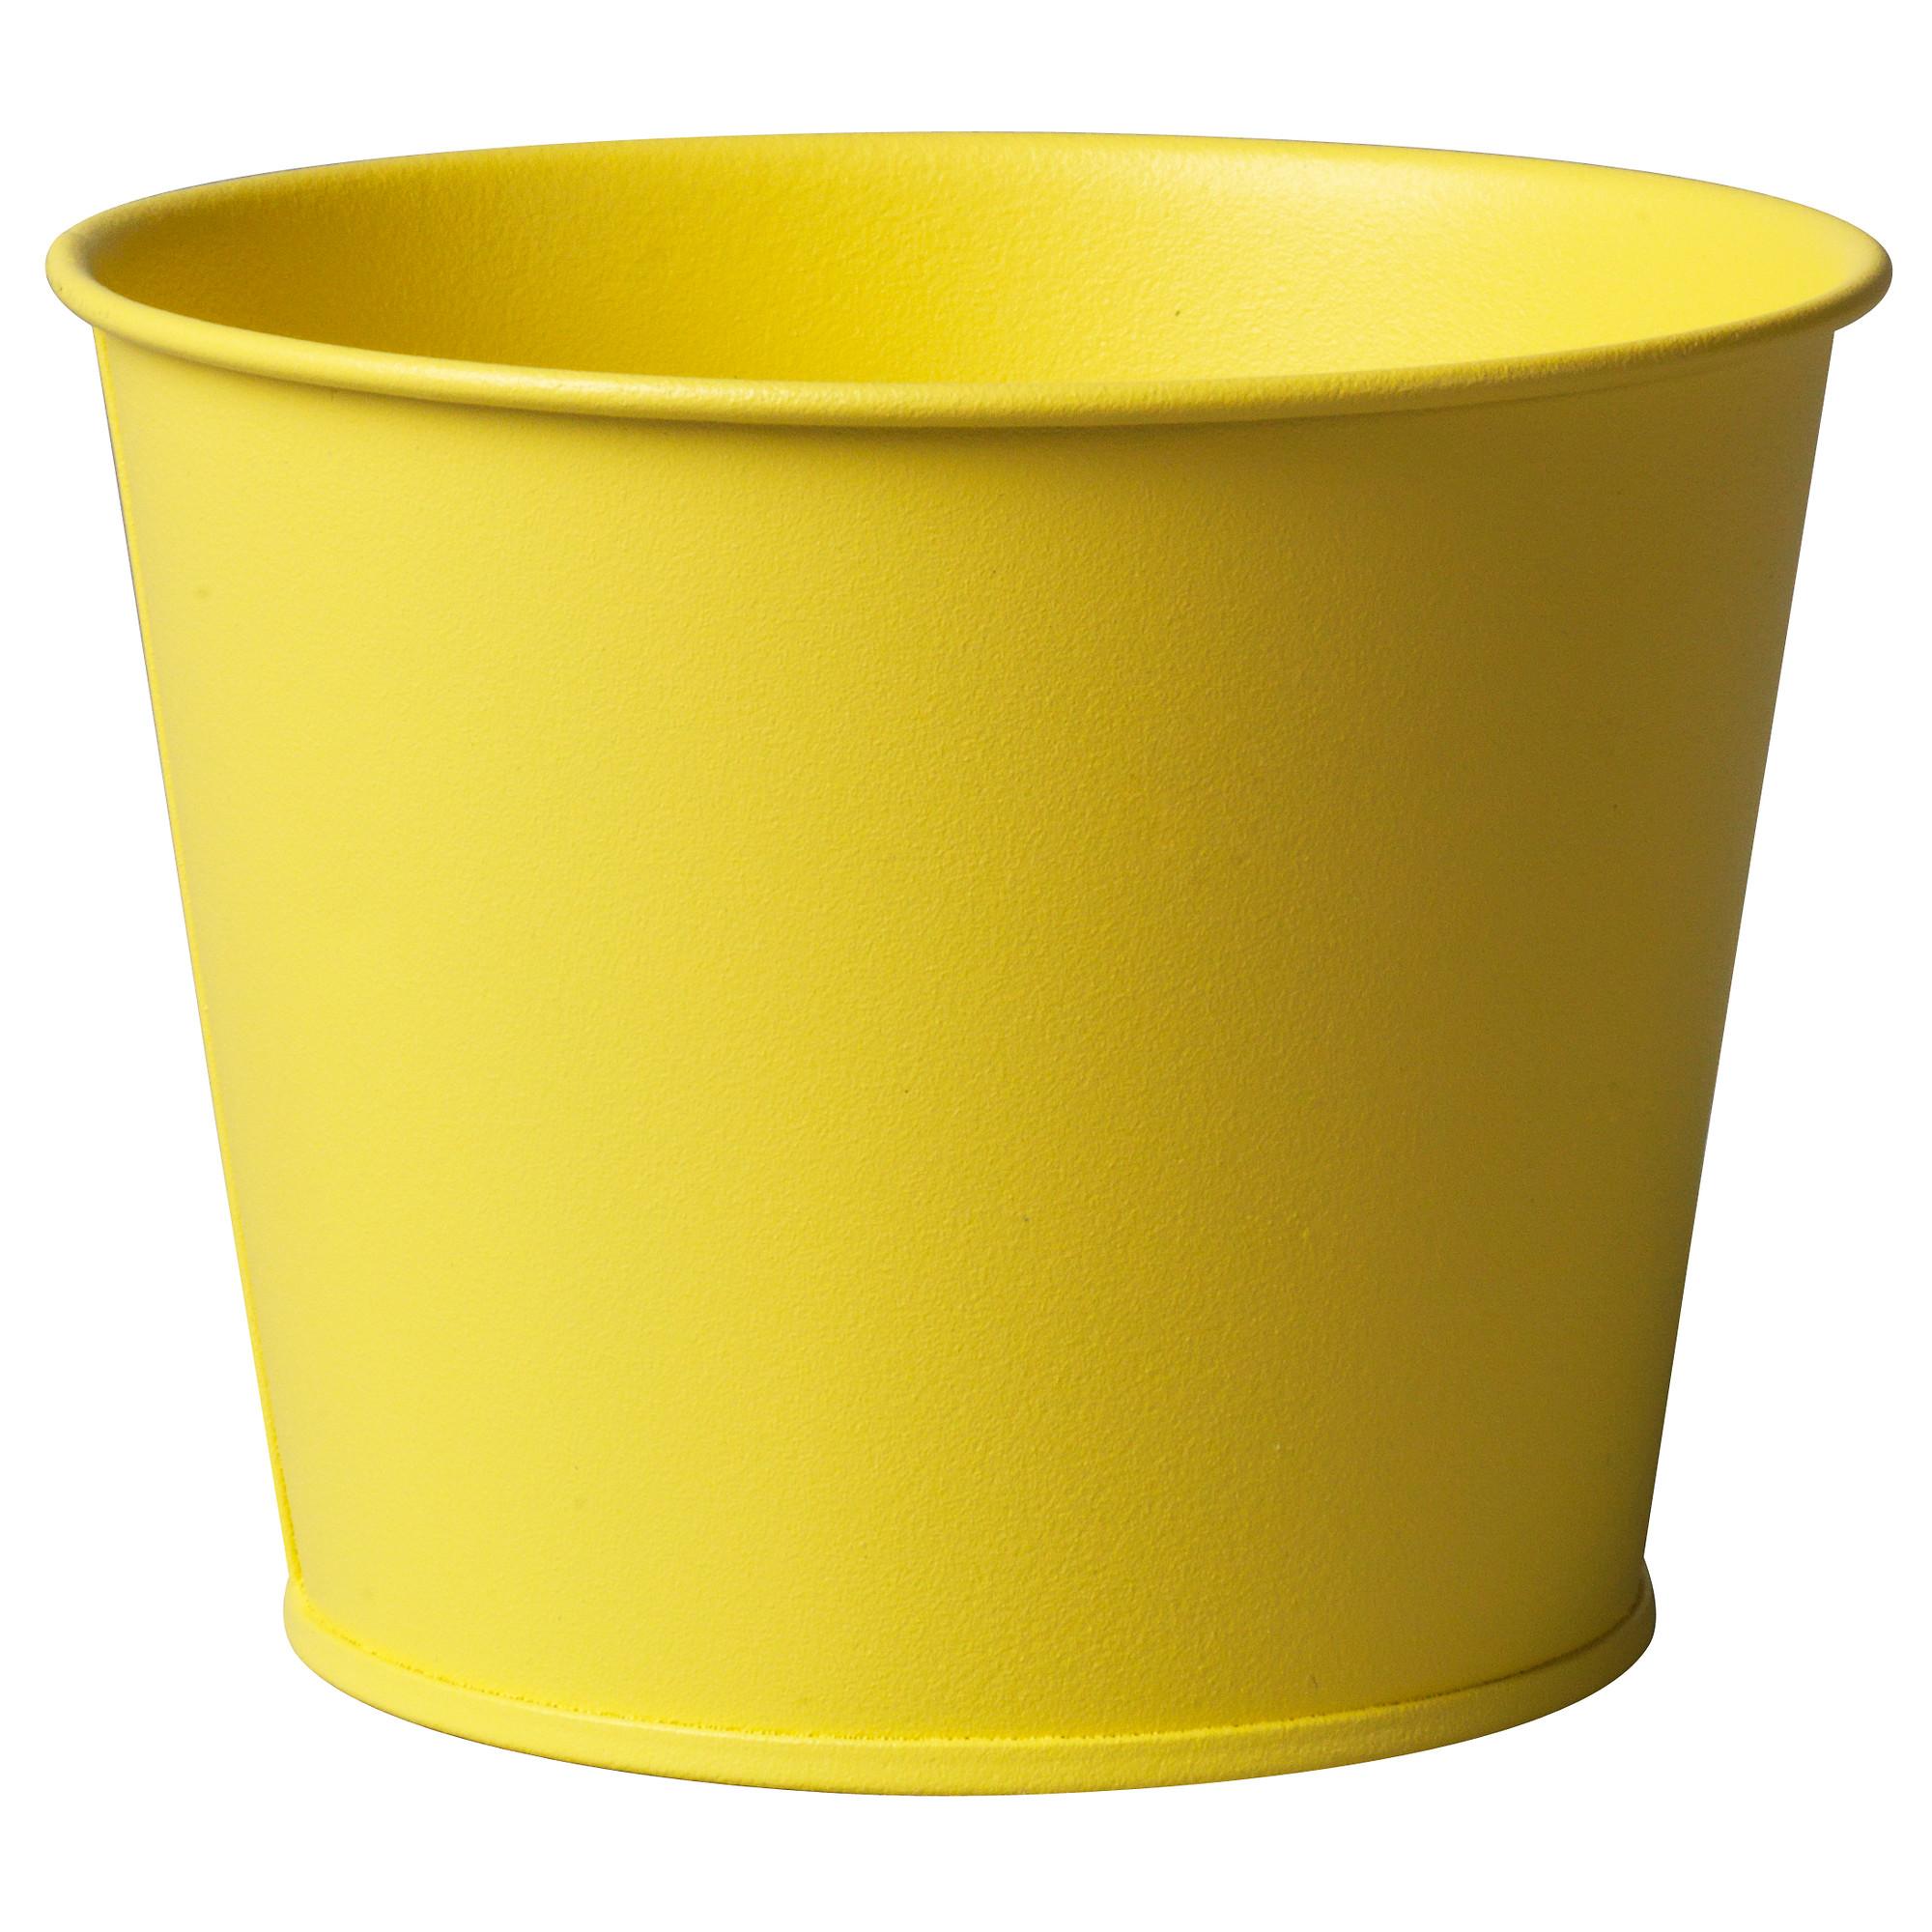 花盆, , 黃色, 高度9公分, 另有其他顏色可選擇